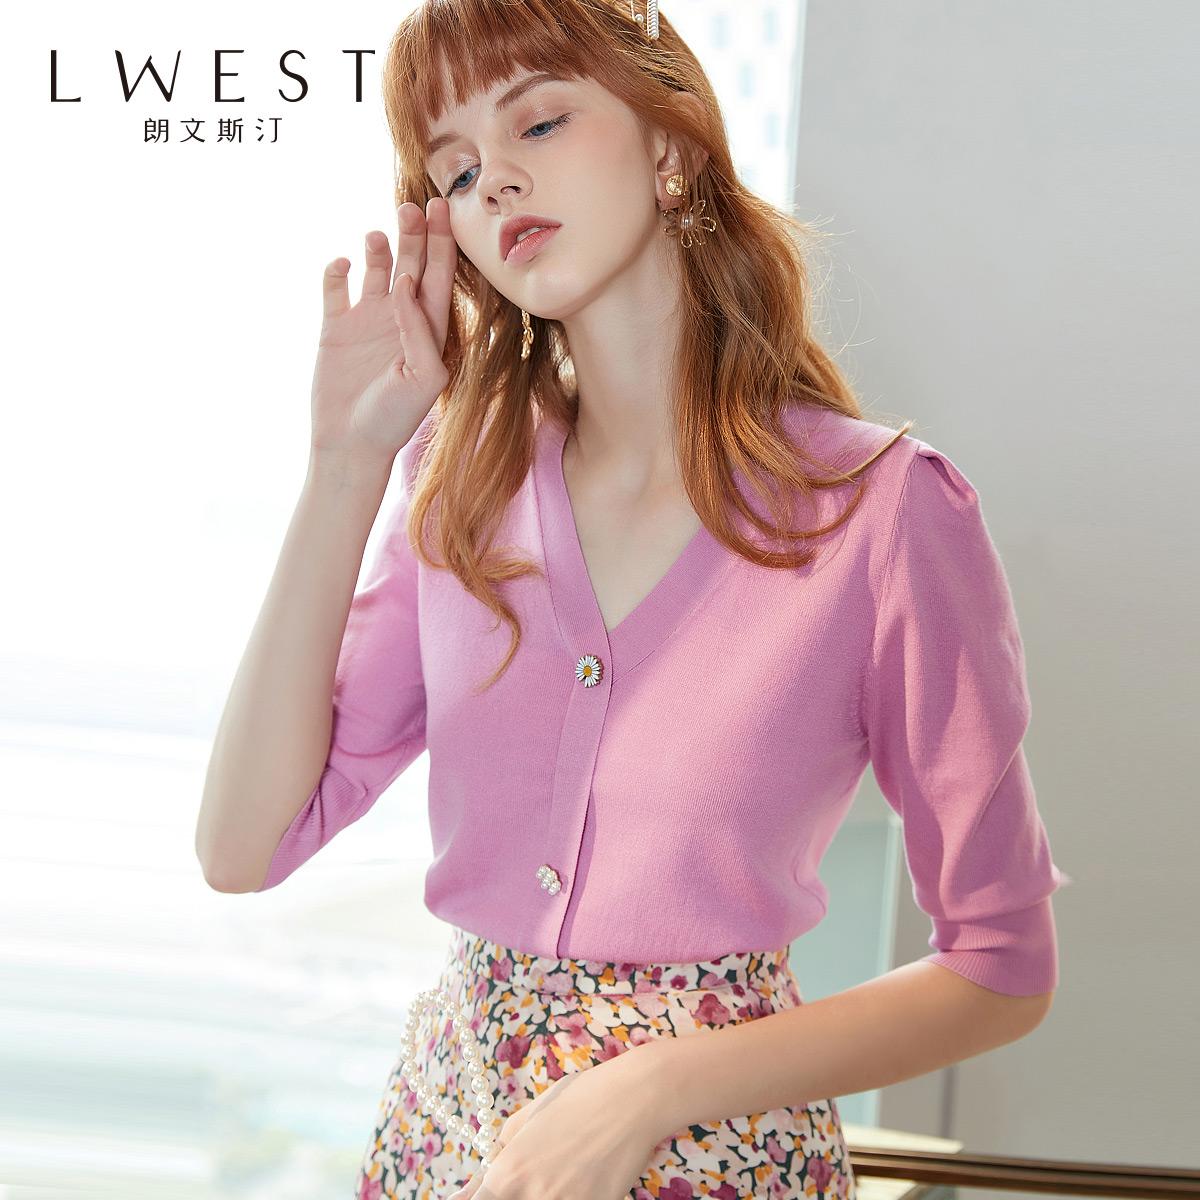 朗文斯汀2020夏装新款V领收腰短袖针织衫T恤女紫色打底衫冰丝上衣图片